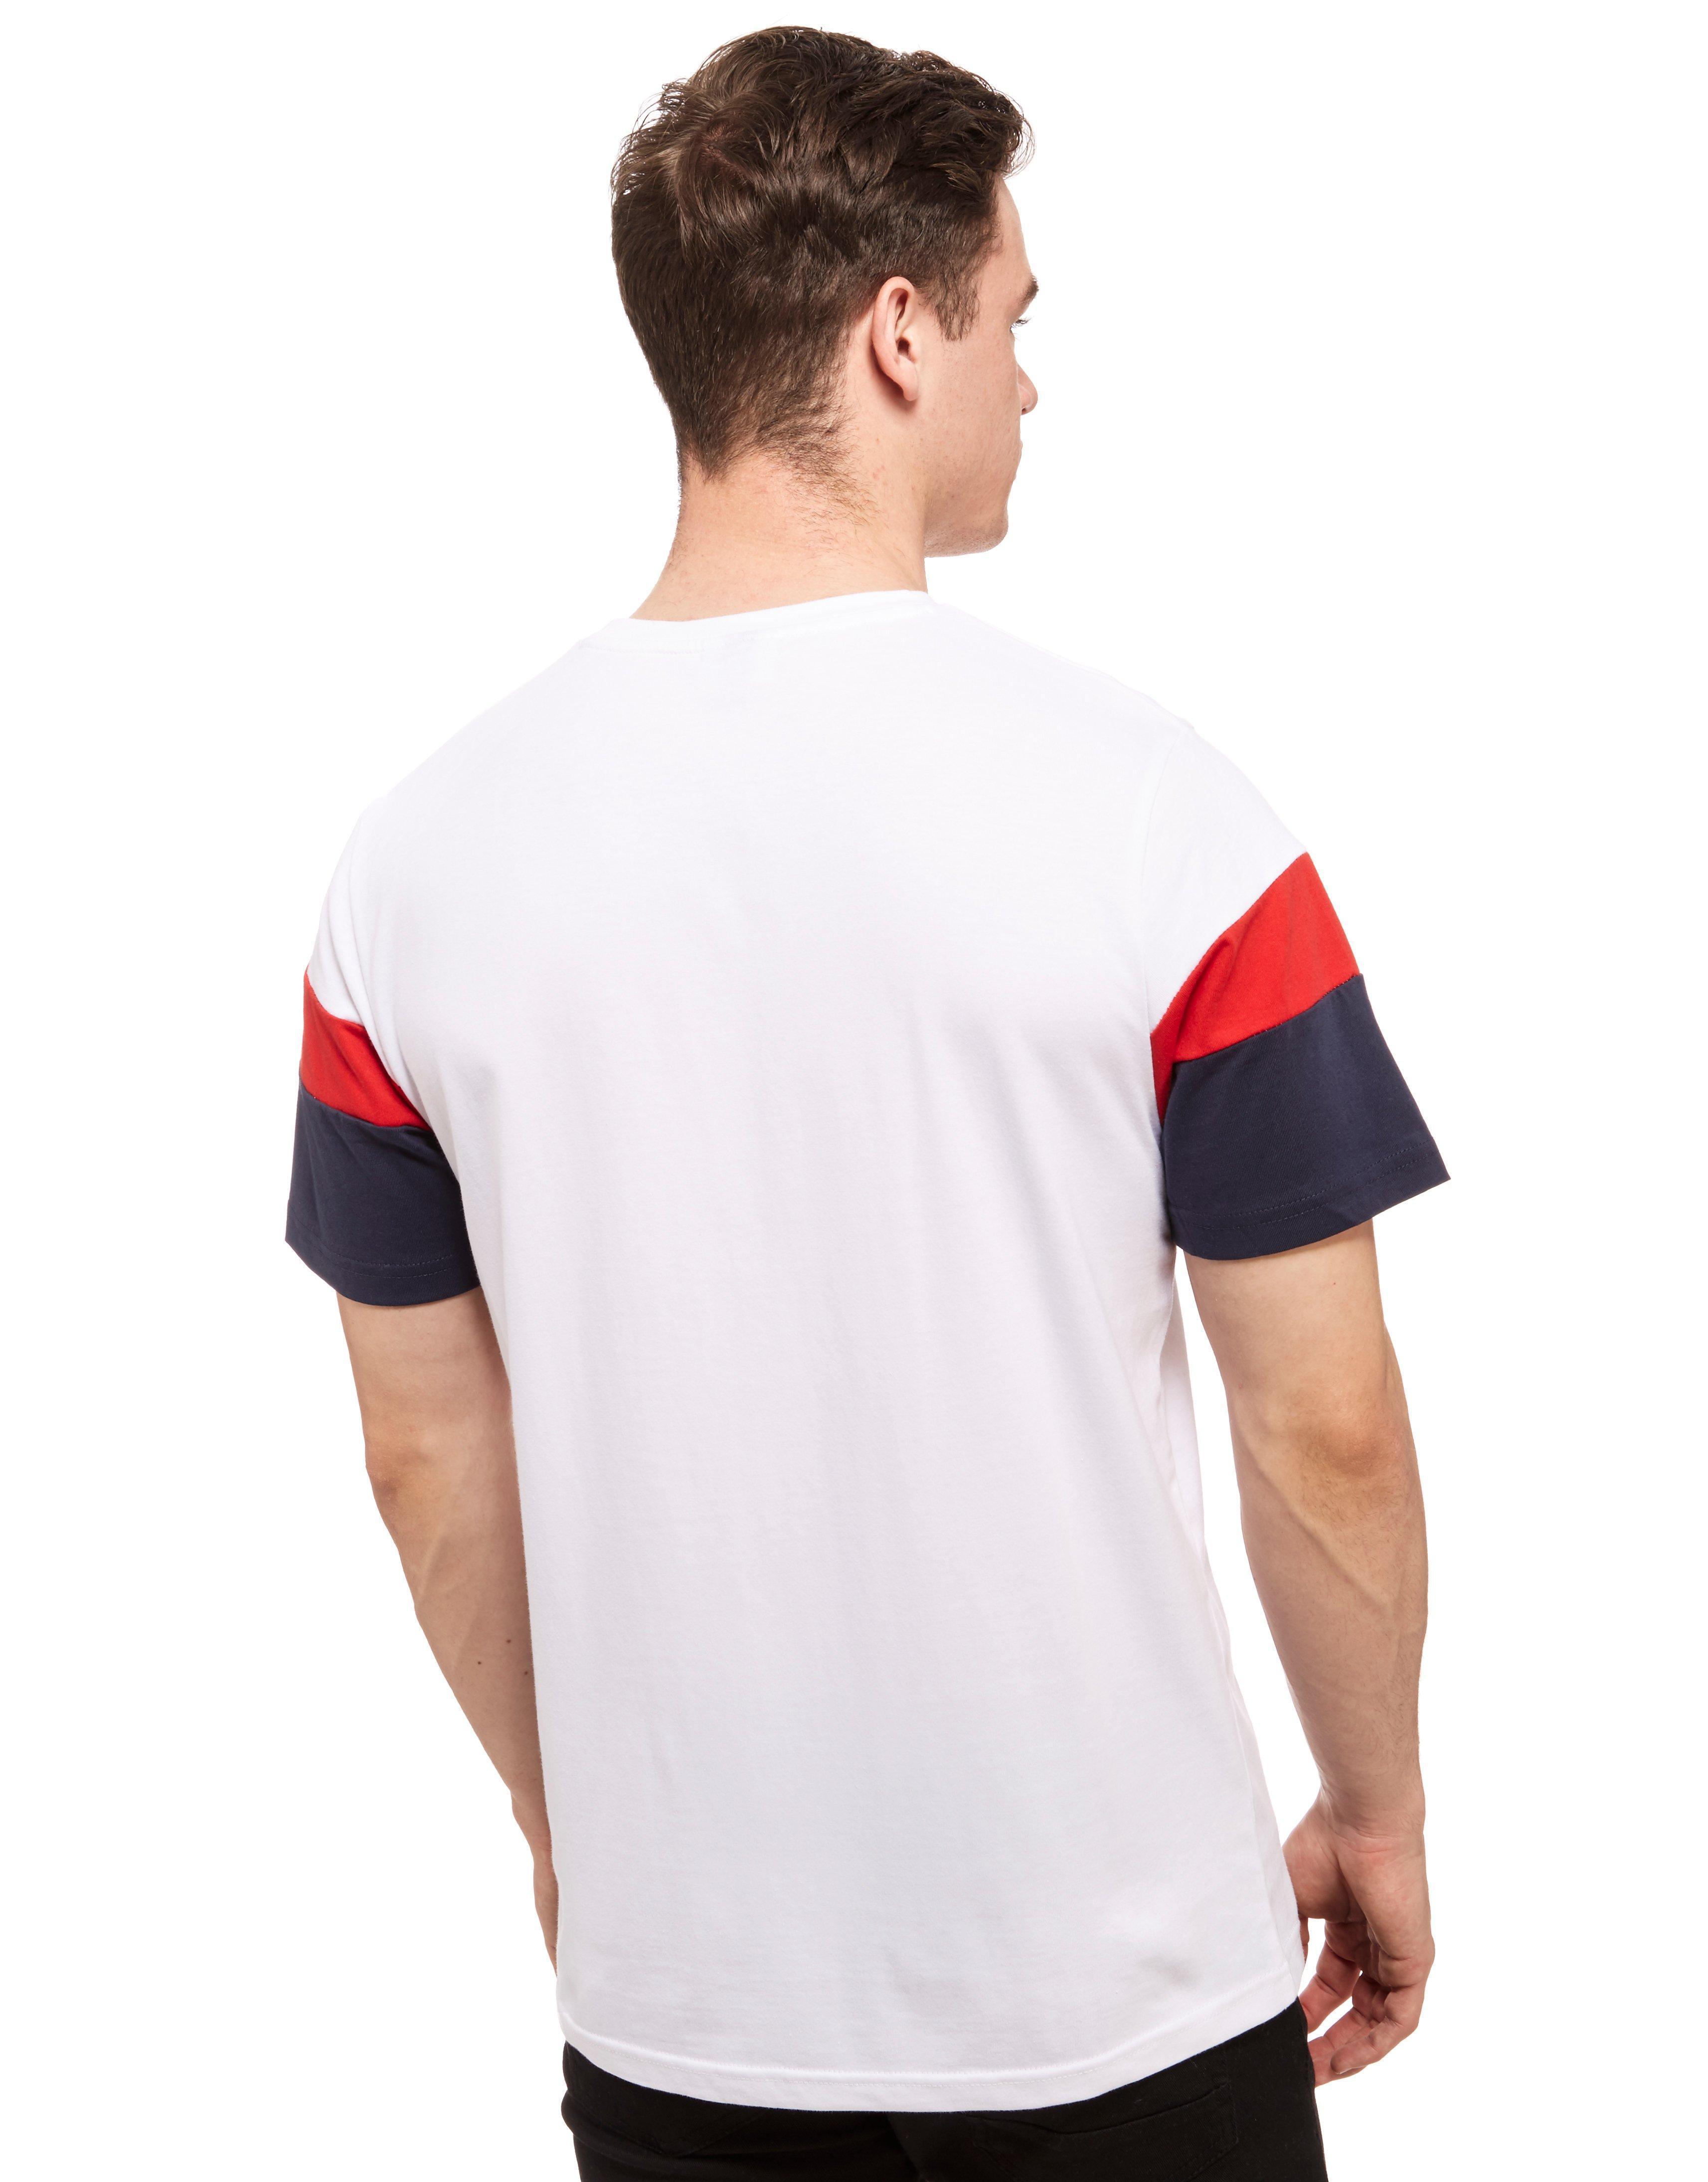 7e7f8712 Ellesse Zardini T-shirt in White for Men - Lyst